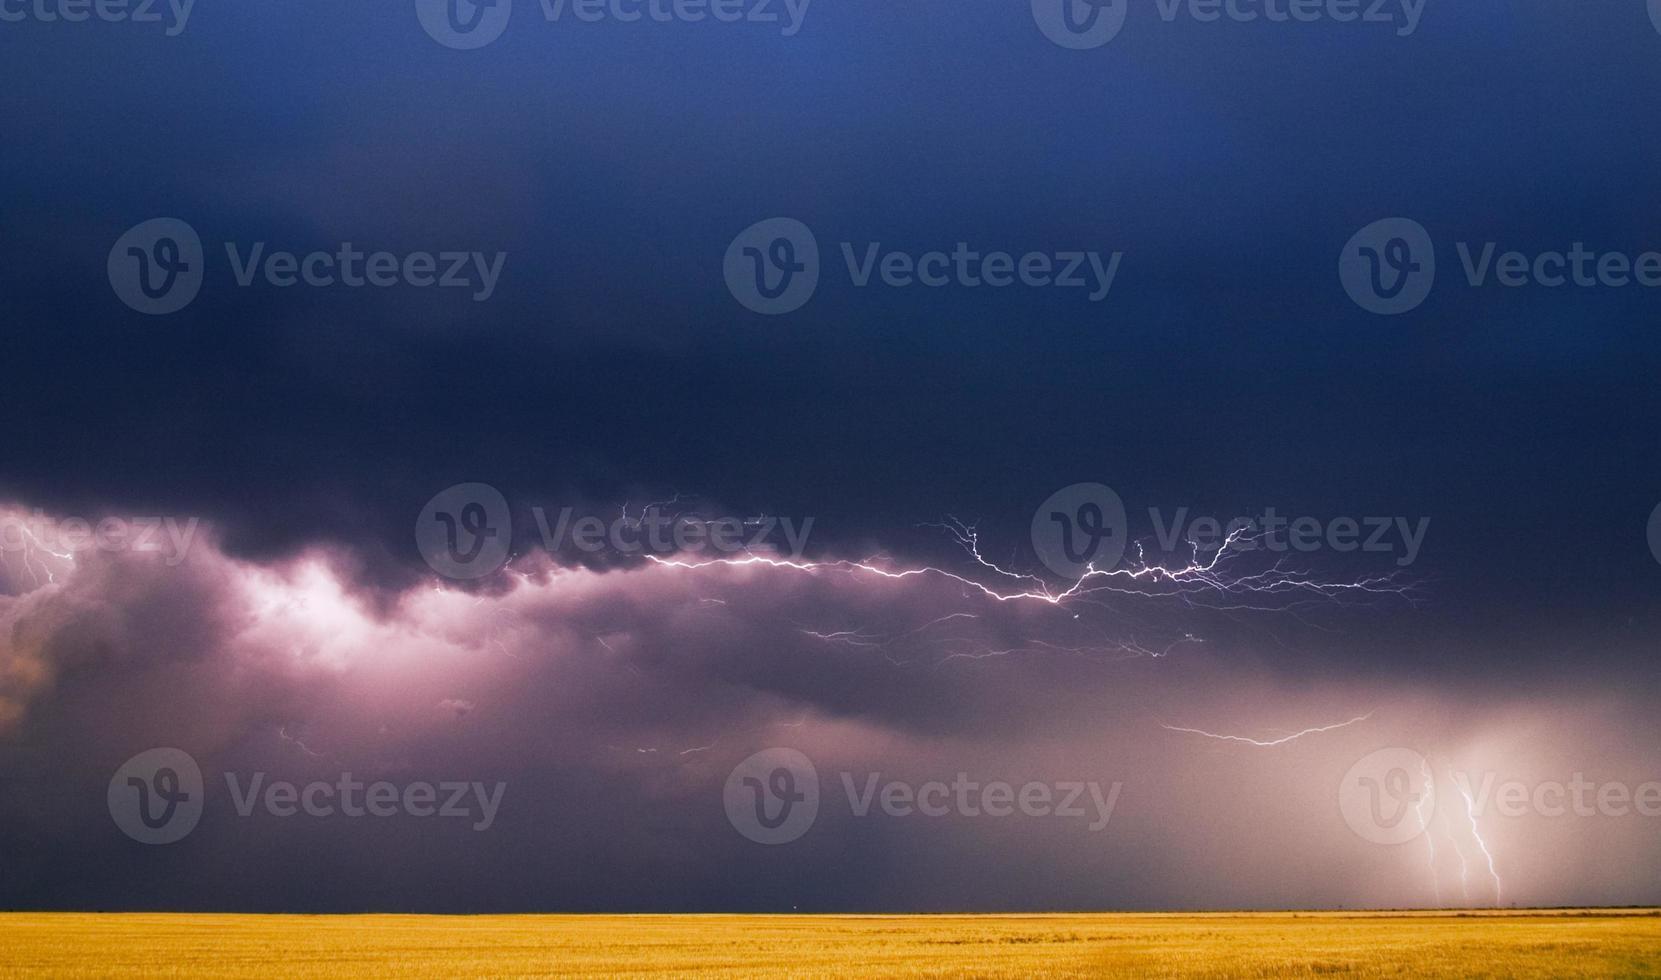 stormiga himlar över ett vete som lagts in foto